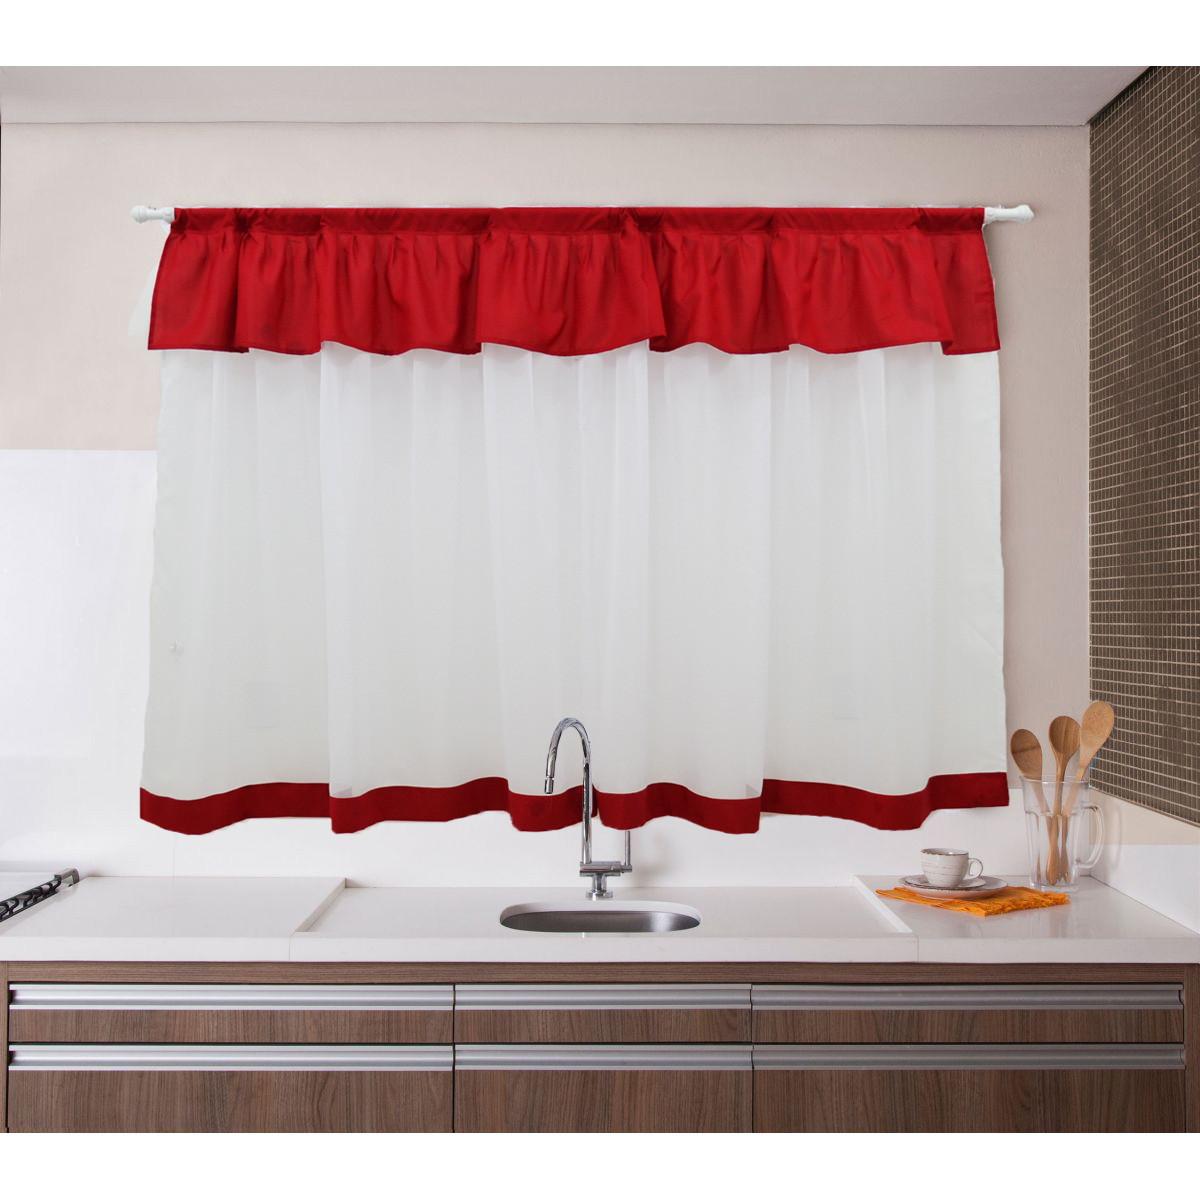 Image of: Cortina Cozinha Amor Perfeito C Bando 160×120 No Elo7 Flor D Liza Cortinas C08554